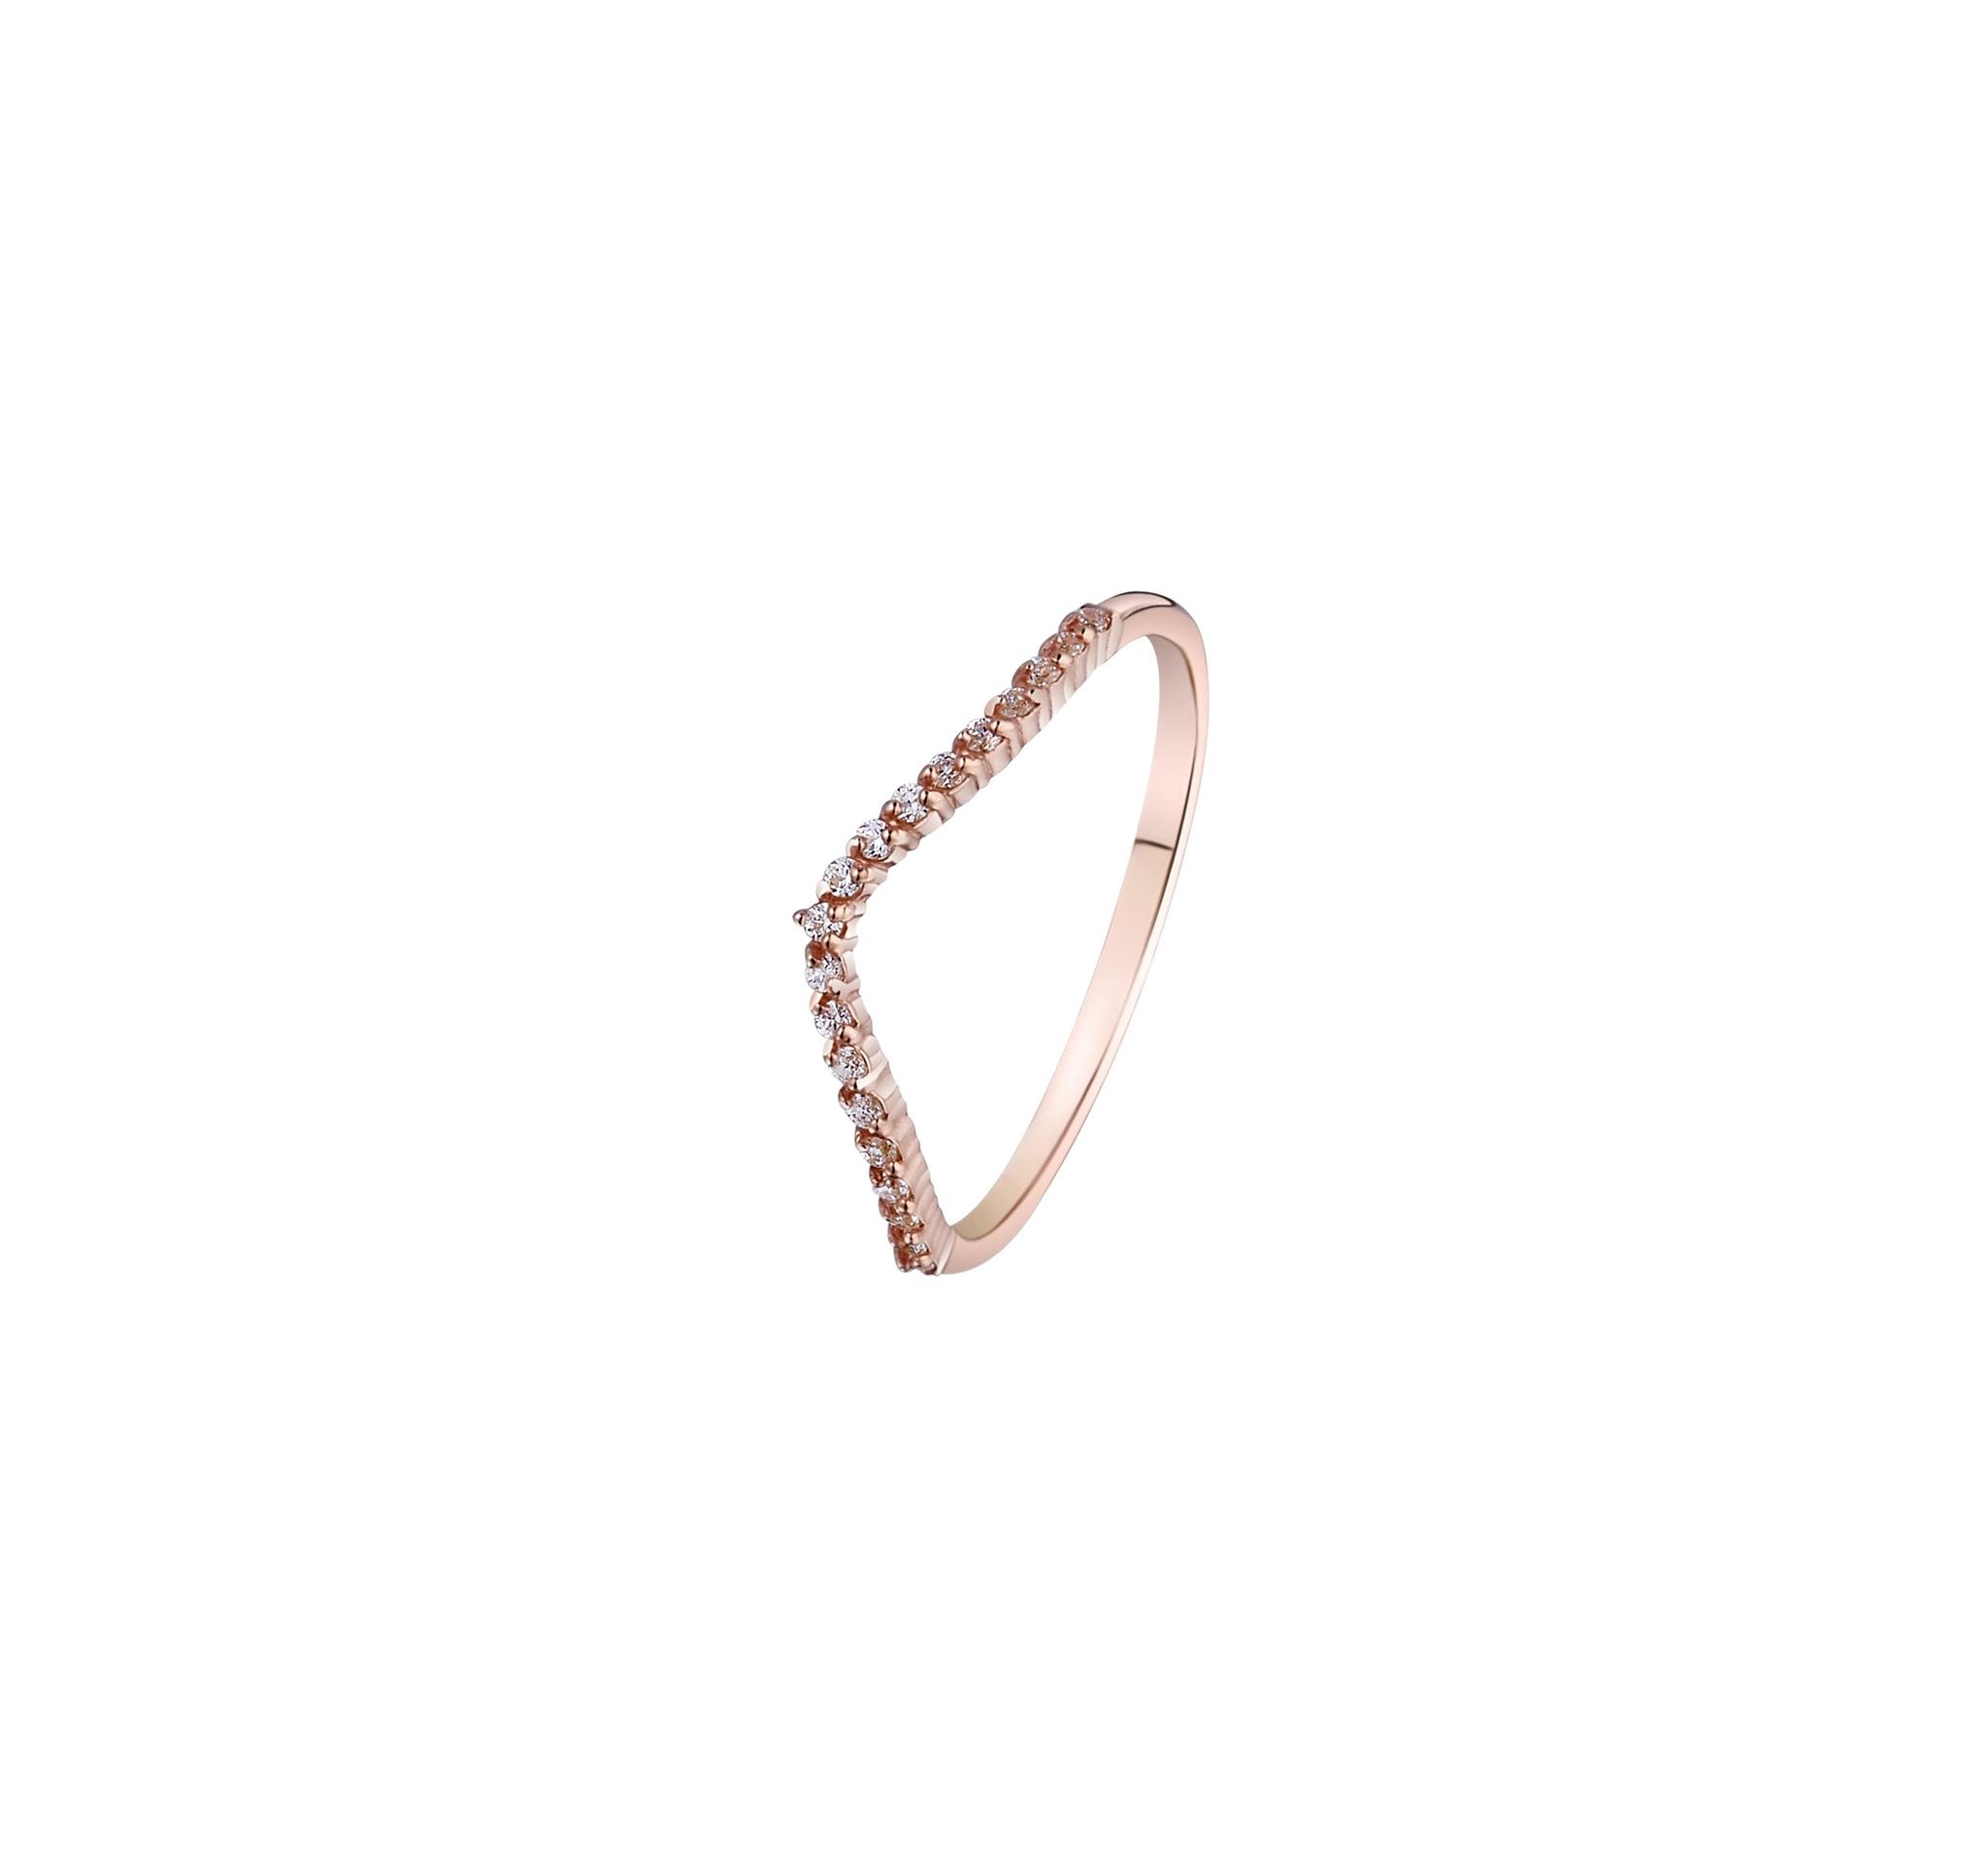 Тонкое кольцо-дорожка с россыпью кубических цирконов в розовой позолоте от MOONKA STUDIO